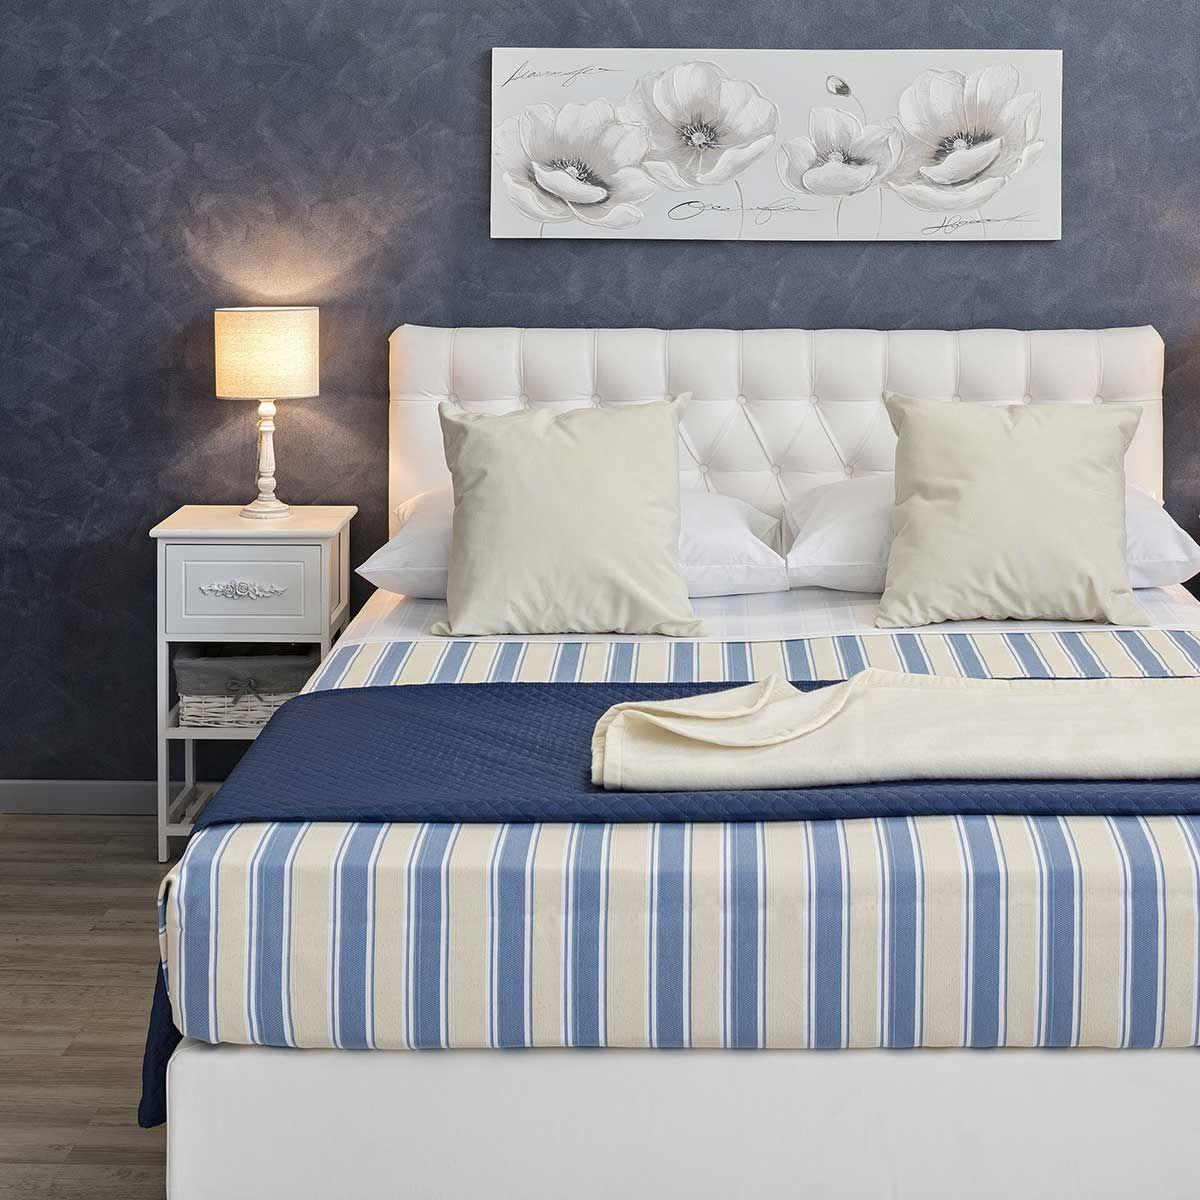 Camera Hotel in stile Mediterraneo: utili consigli per vestire il letto